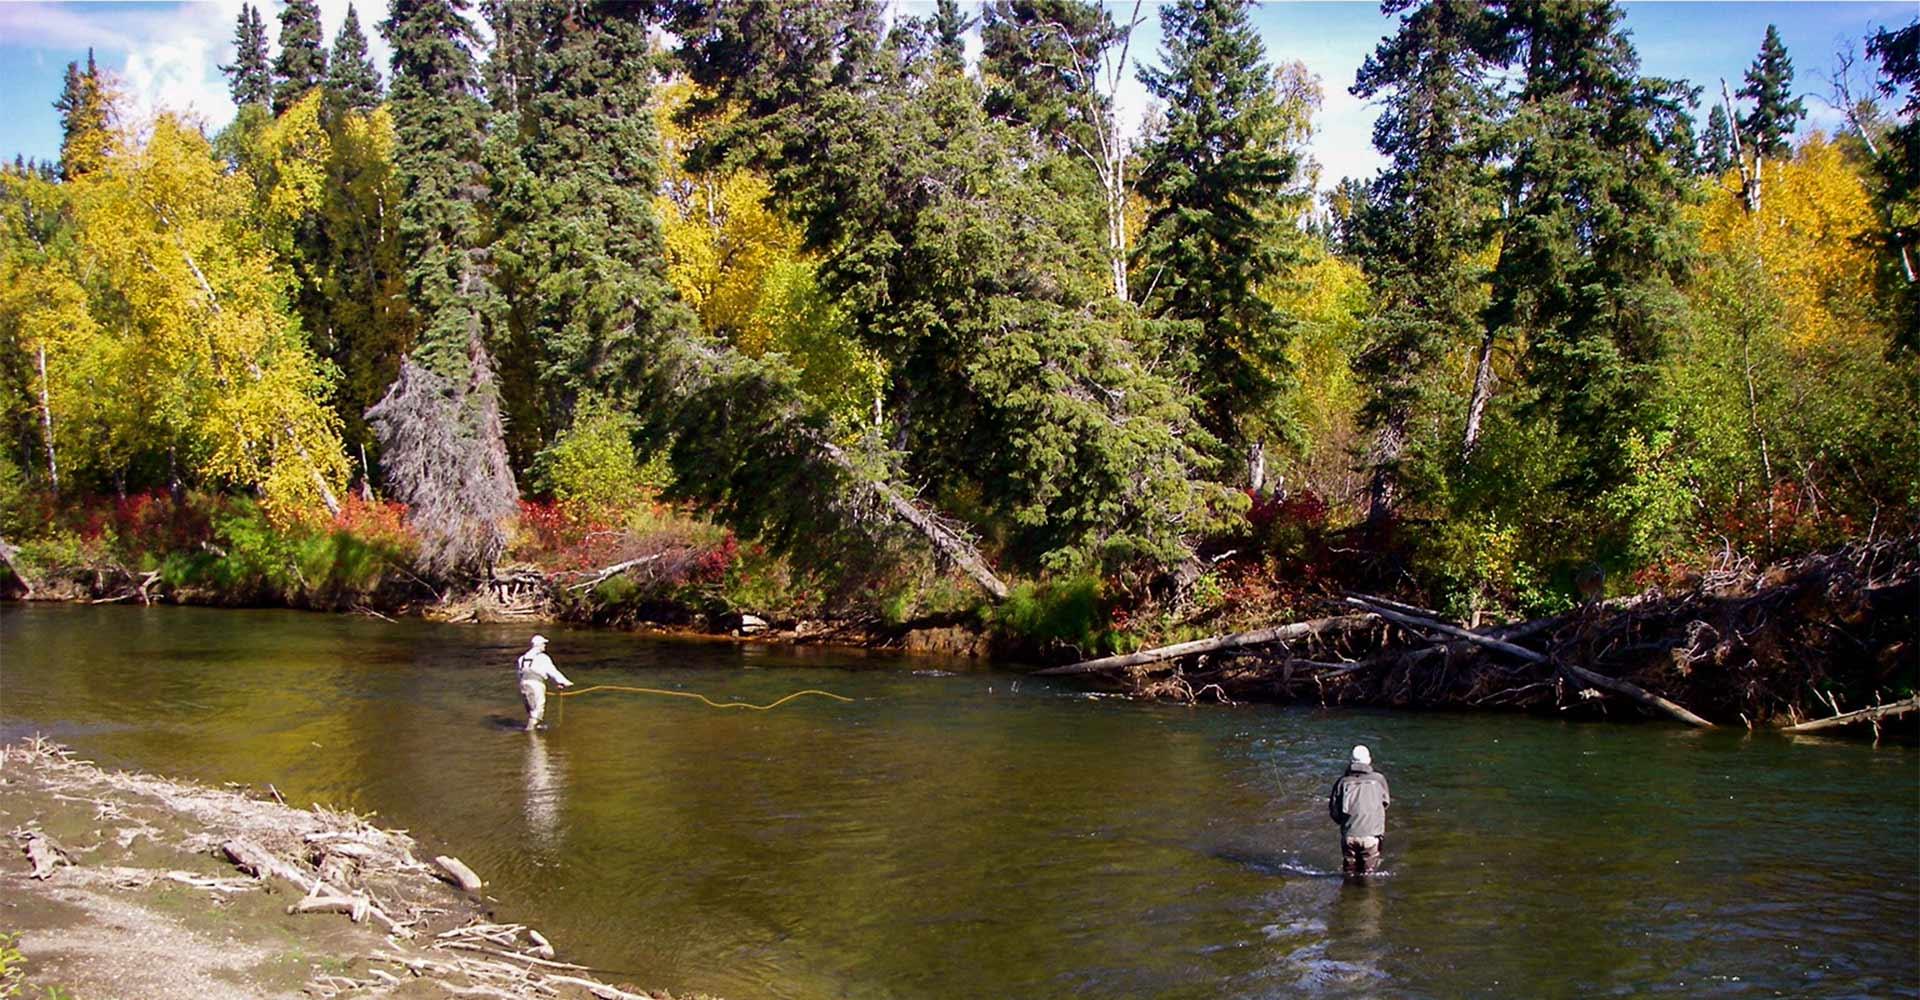 Fishing the Aniak